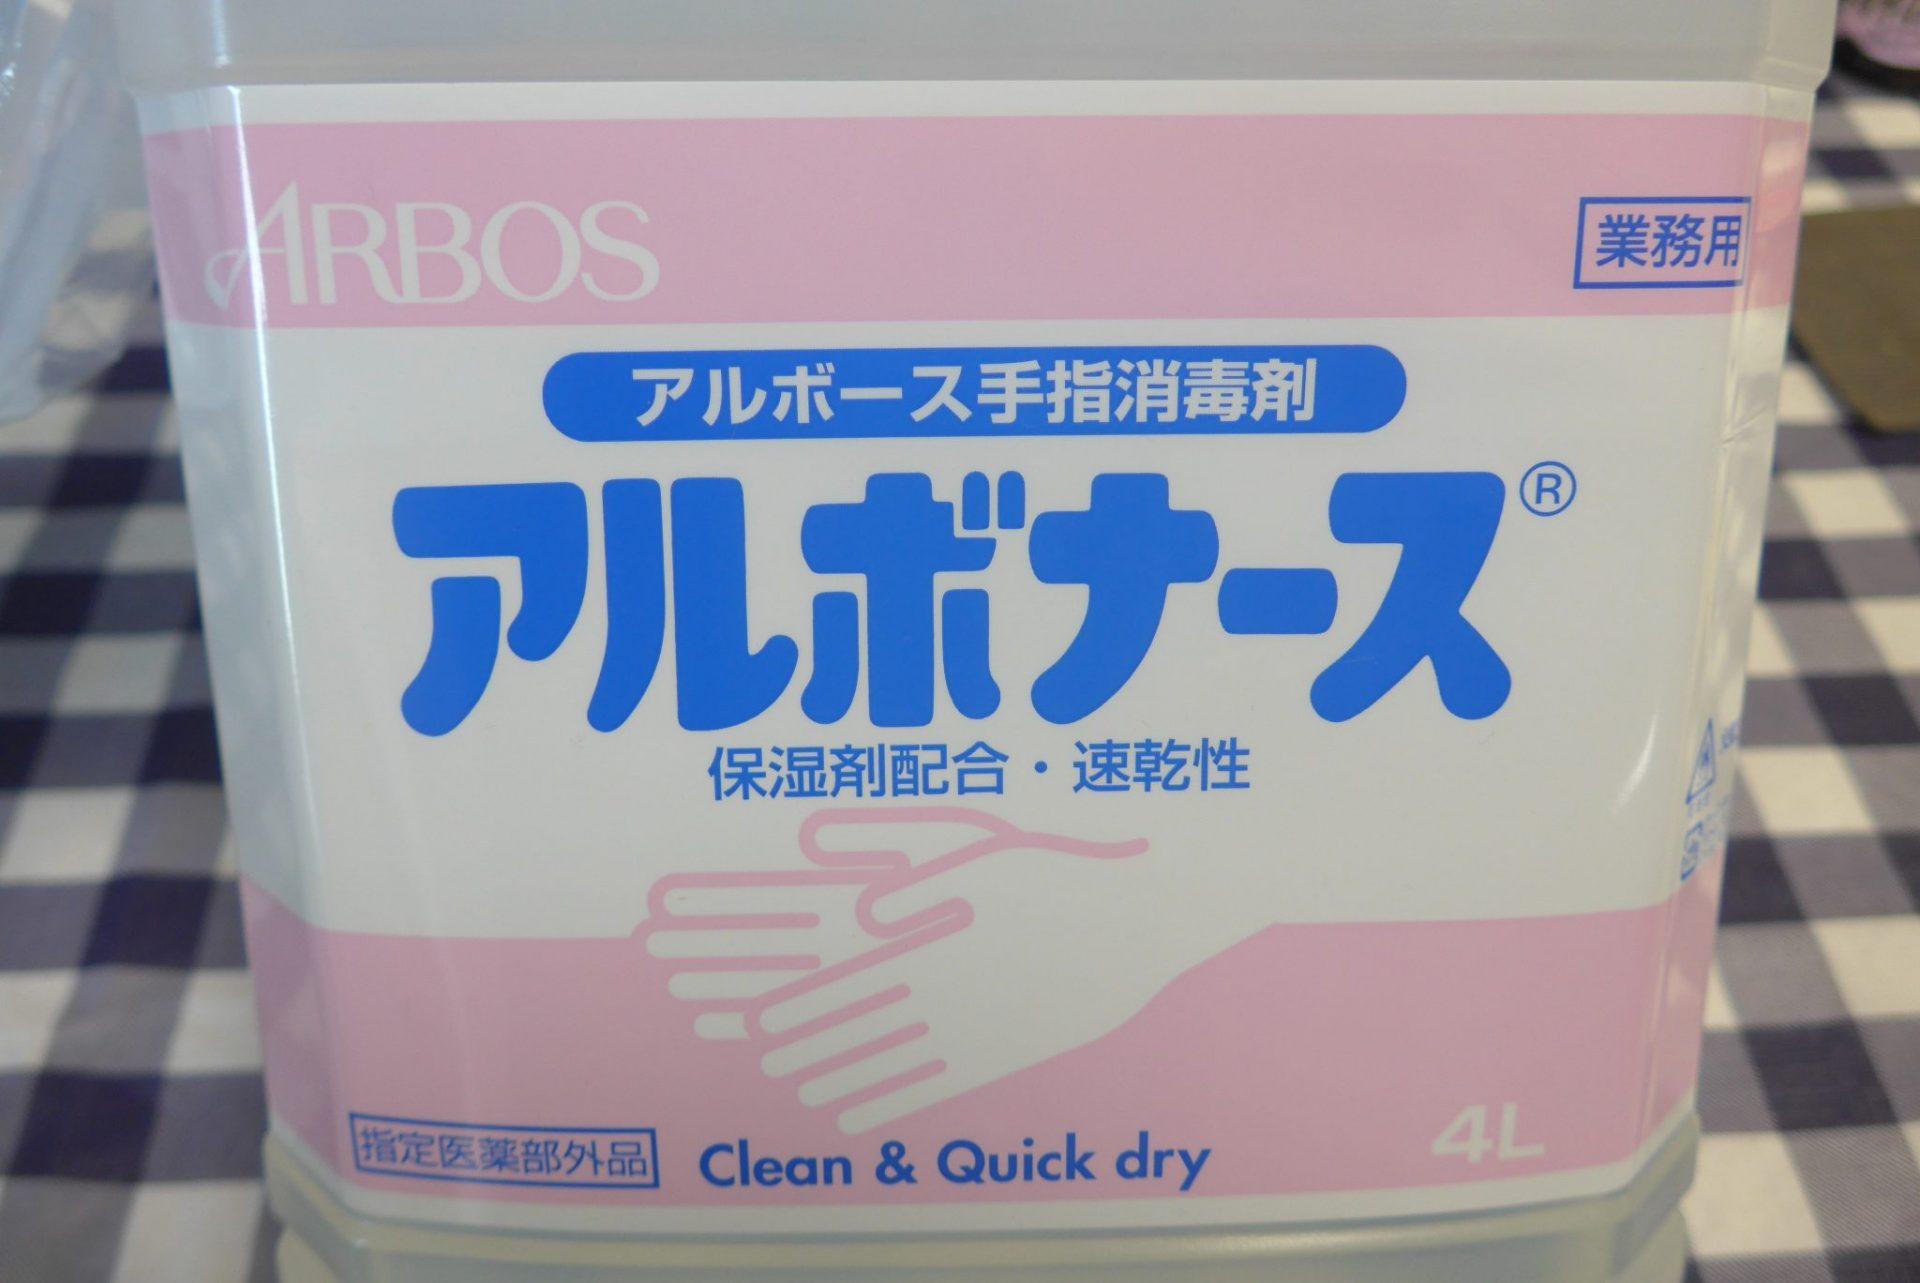 (N)アルボナース4Lを購入!定価より高いけど手指消毒のために!